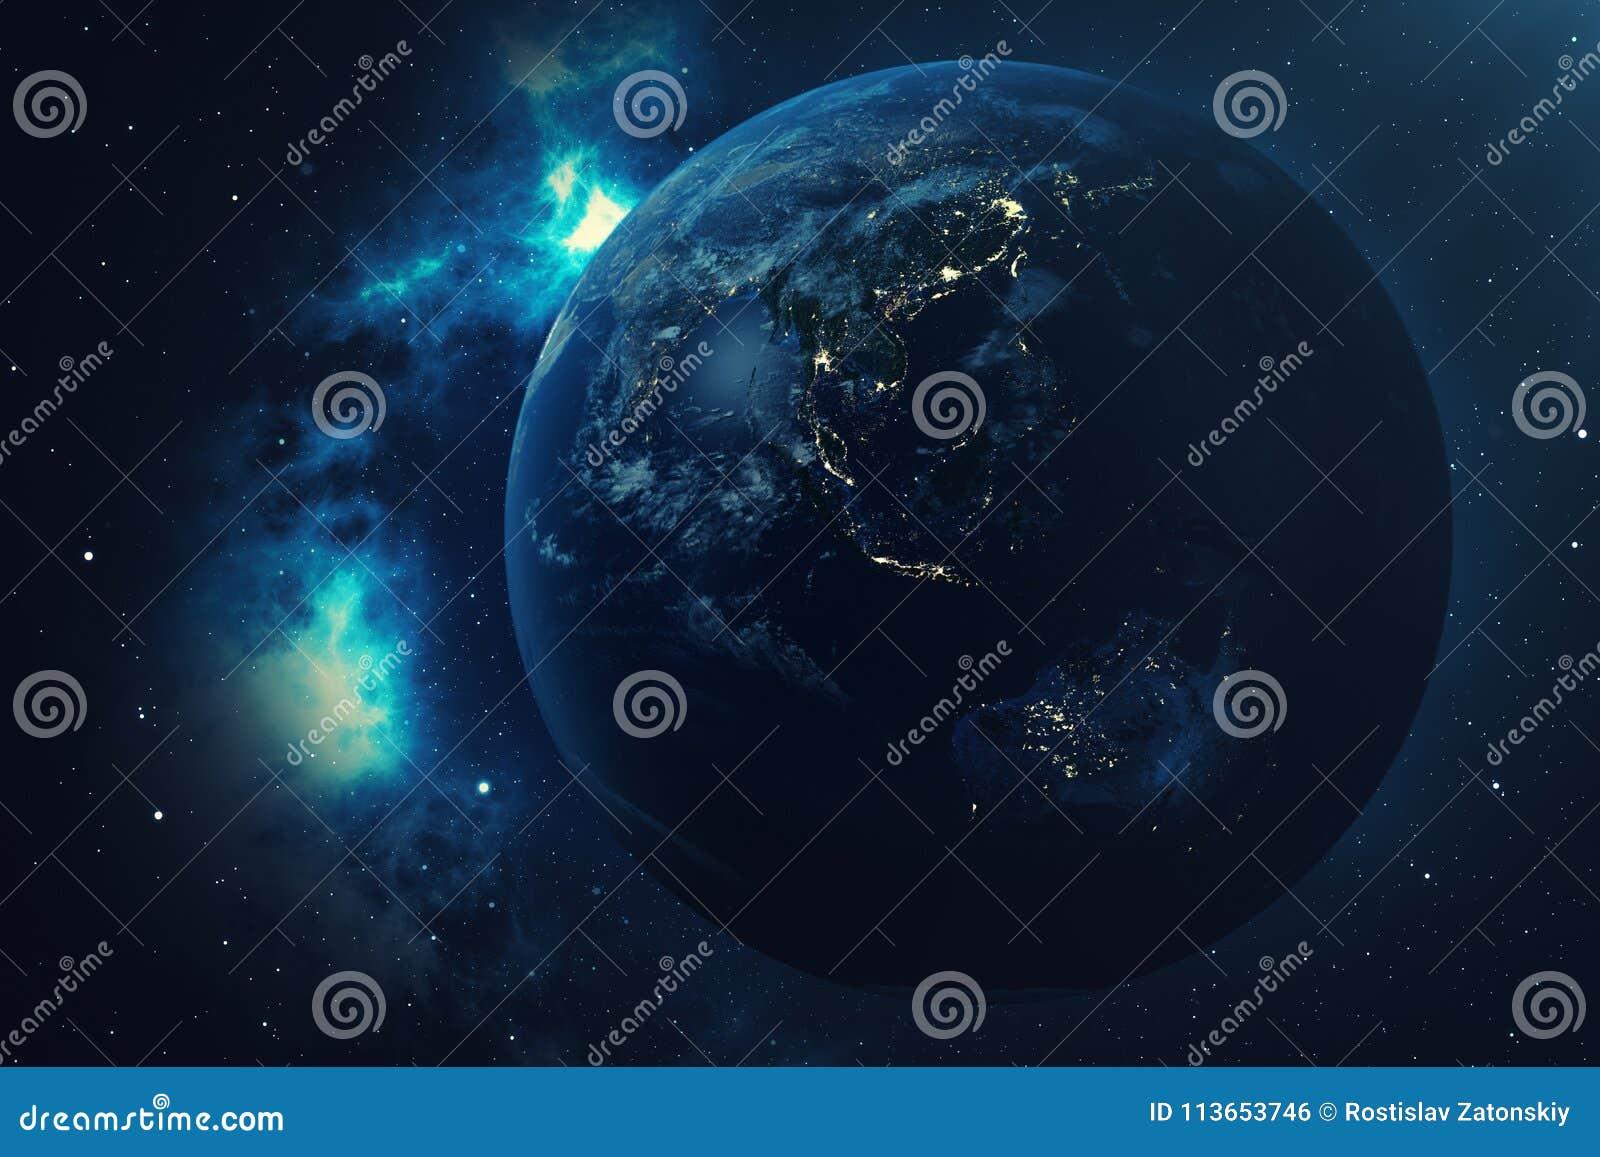 Innenarchitektur Weltkugel 3d Das Beste Von Der Wiedergabe-3d Vom Raum Auf Einem Stern-gebiet,